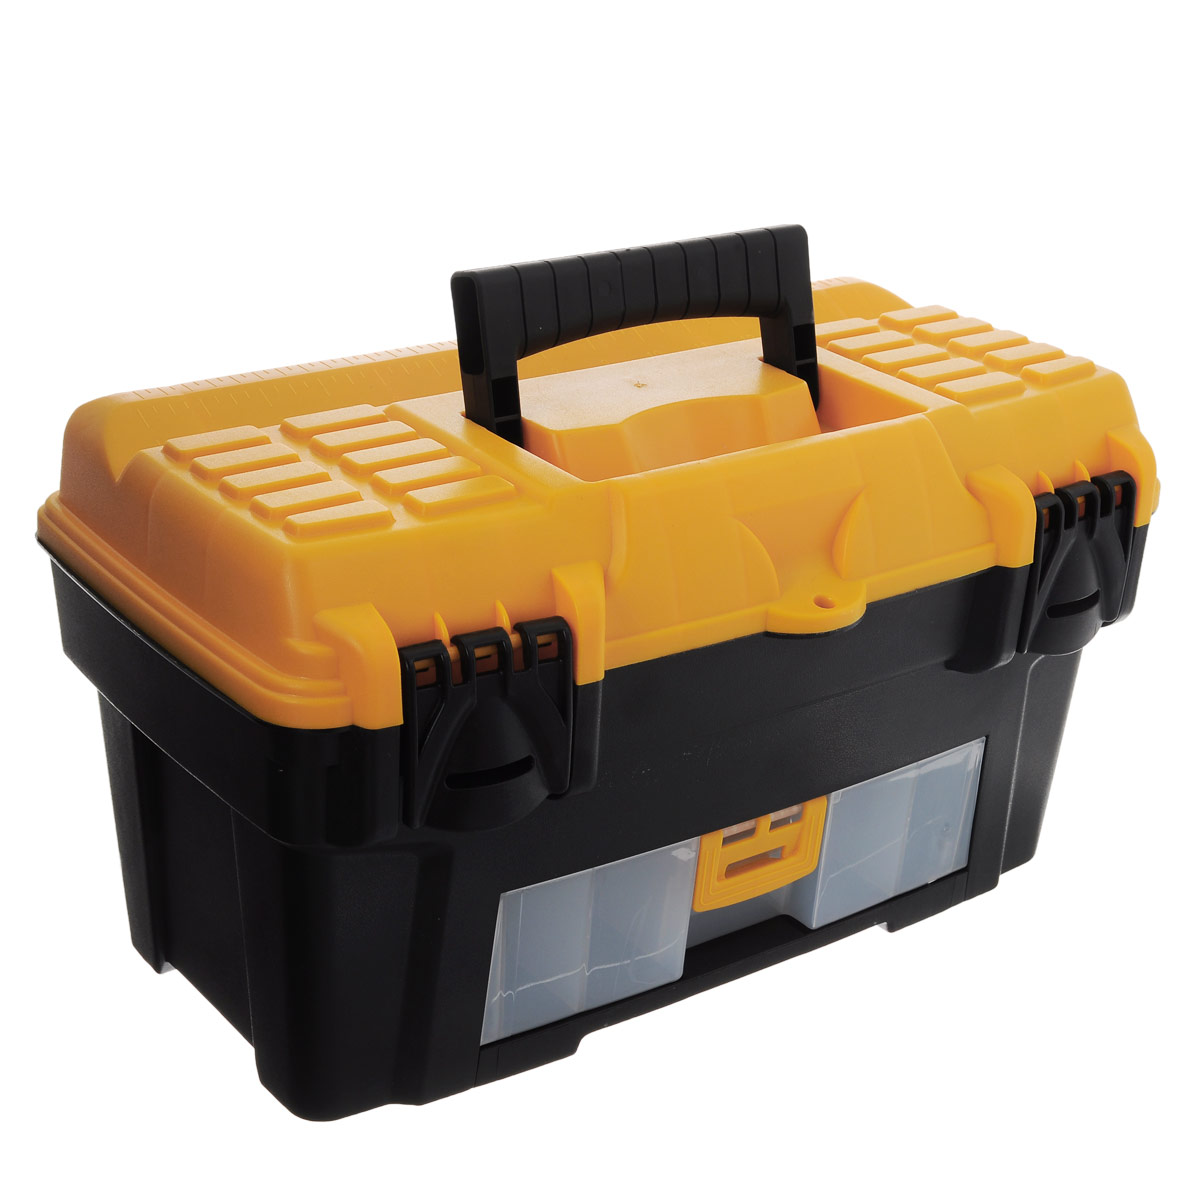 Ящик для инструментов Idea Атлант 18, 43 х 23,5 х 25 смМ 2922Ящик Idea Атлант 18 изготовлен из прочного пластика и предназначен для хранения и переноски инструментов. Вместительный, внутри имеет большое главное отделение. В комплект входит съемный лоток с ручкой для инструментов.Ящик закрывается при помощи крепких защелок, которые не допускают случайного открывания.Для более комфортного переноса в руках, на крышке ящика предусмотрена удобная ручка.